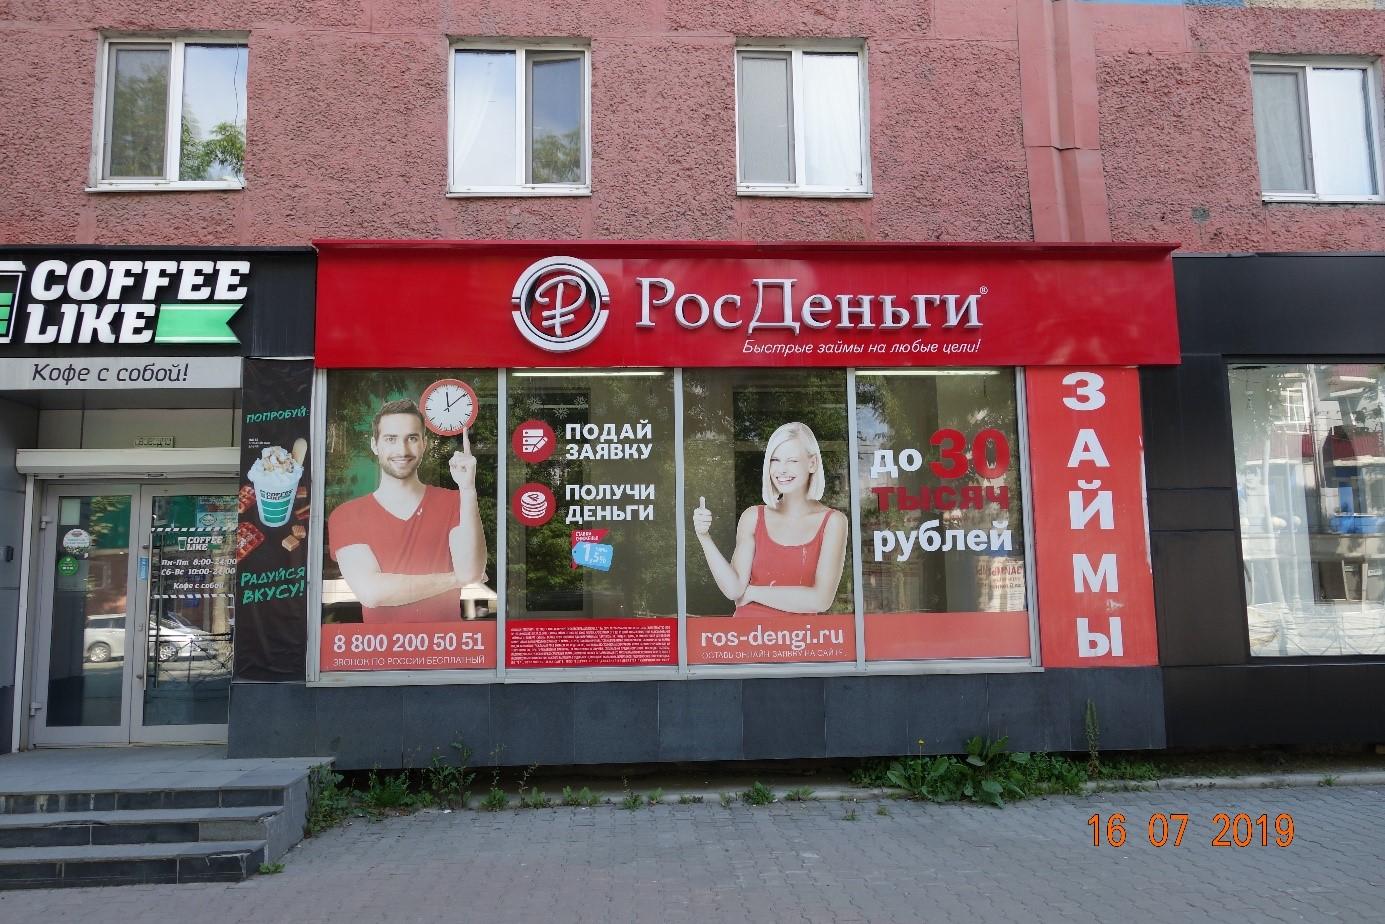 Agence proposant un prêt de 30 000 roubles en dix minutes  « demande et reçois l'argent ! »..jpg